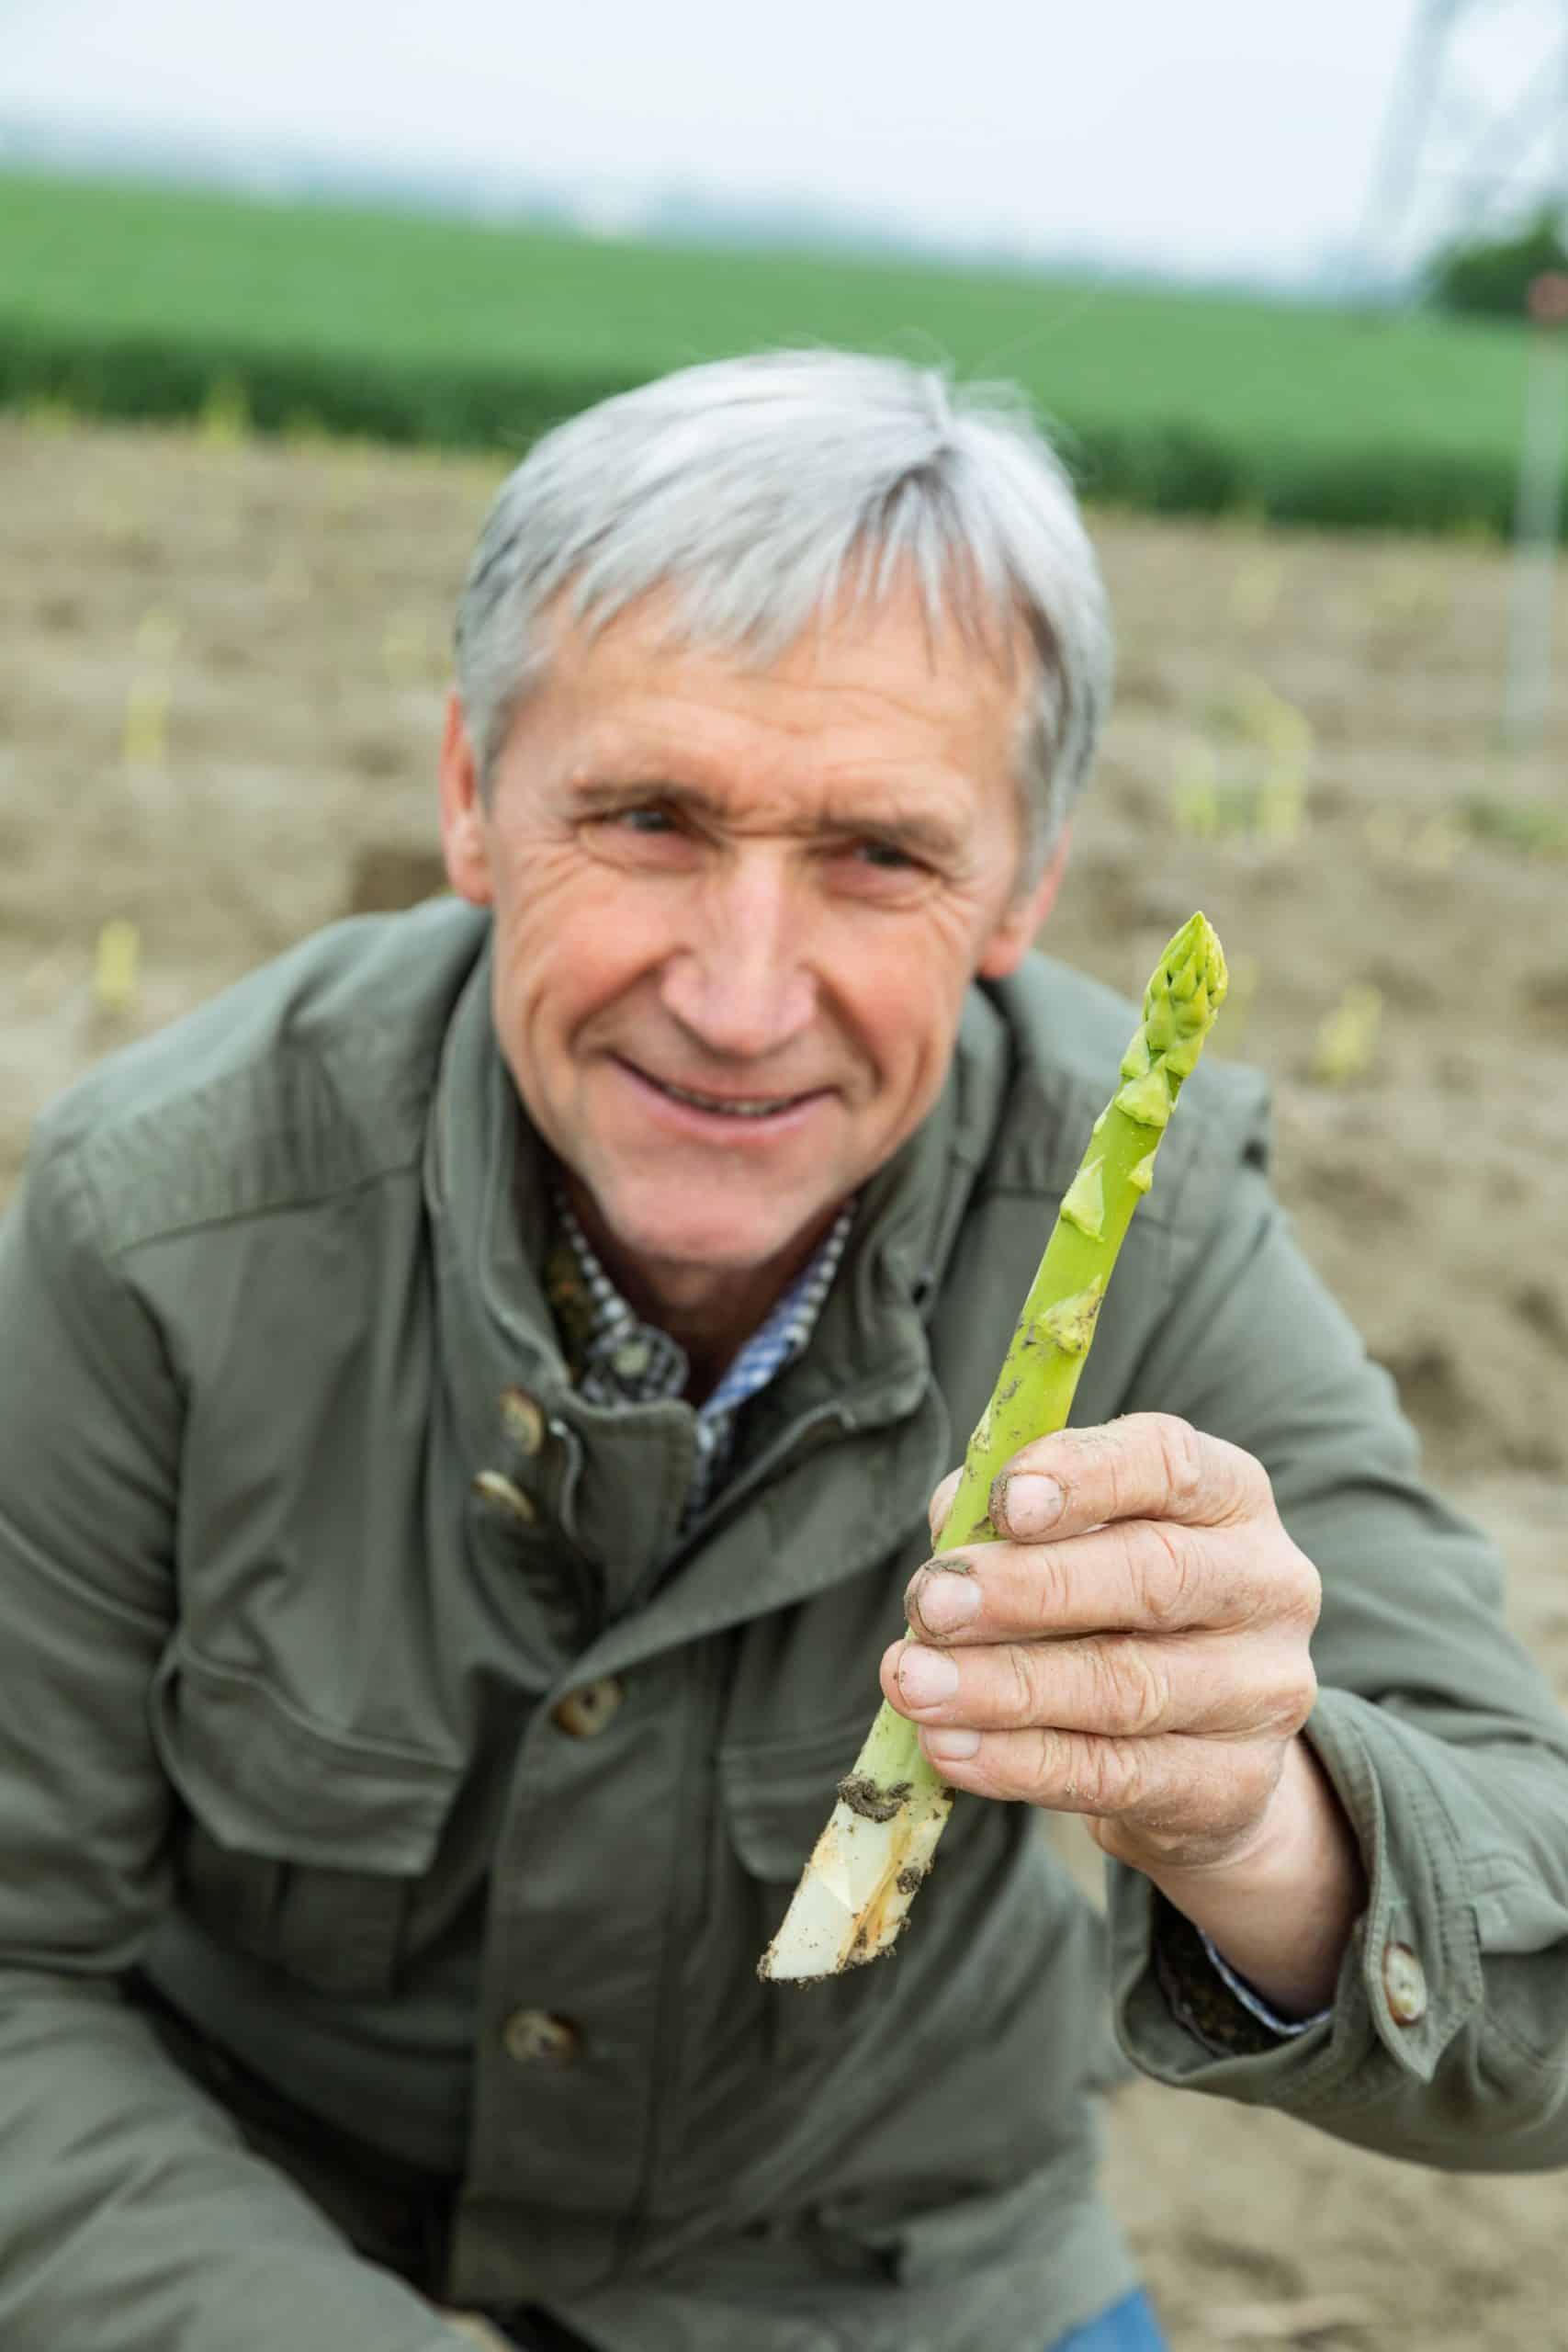 Werner Magoschitz von Sole Select Spargel im Marchfeld kniet mit einem grünen Spargel auf seinem Feld